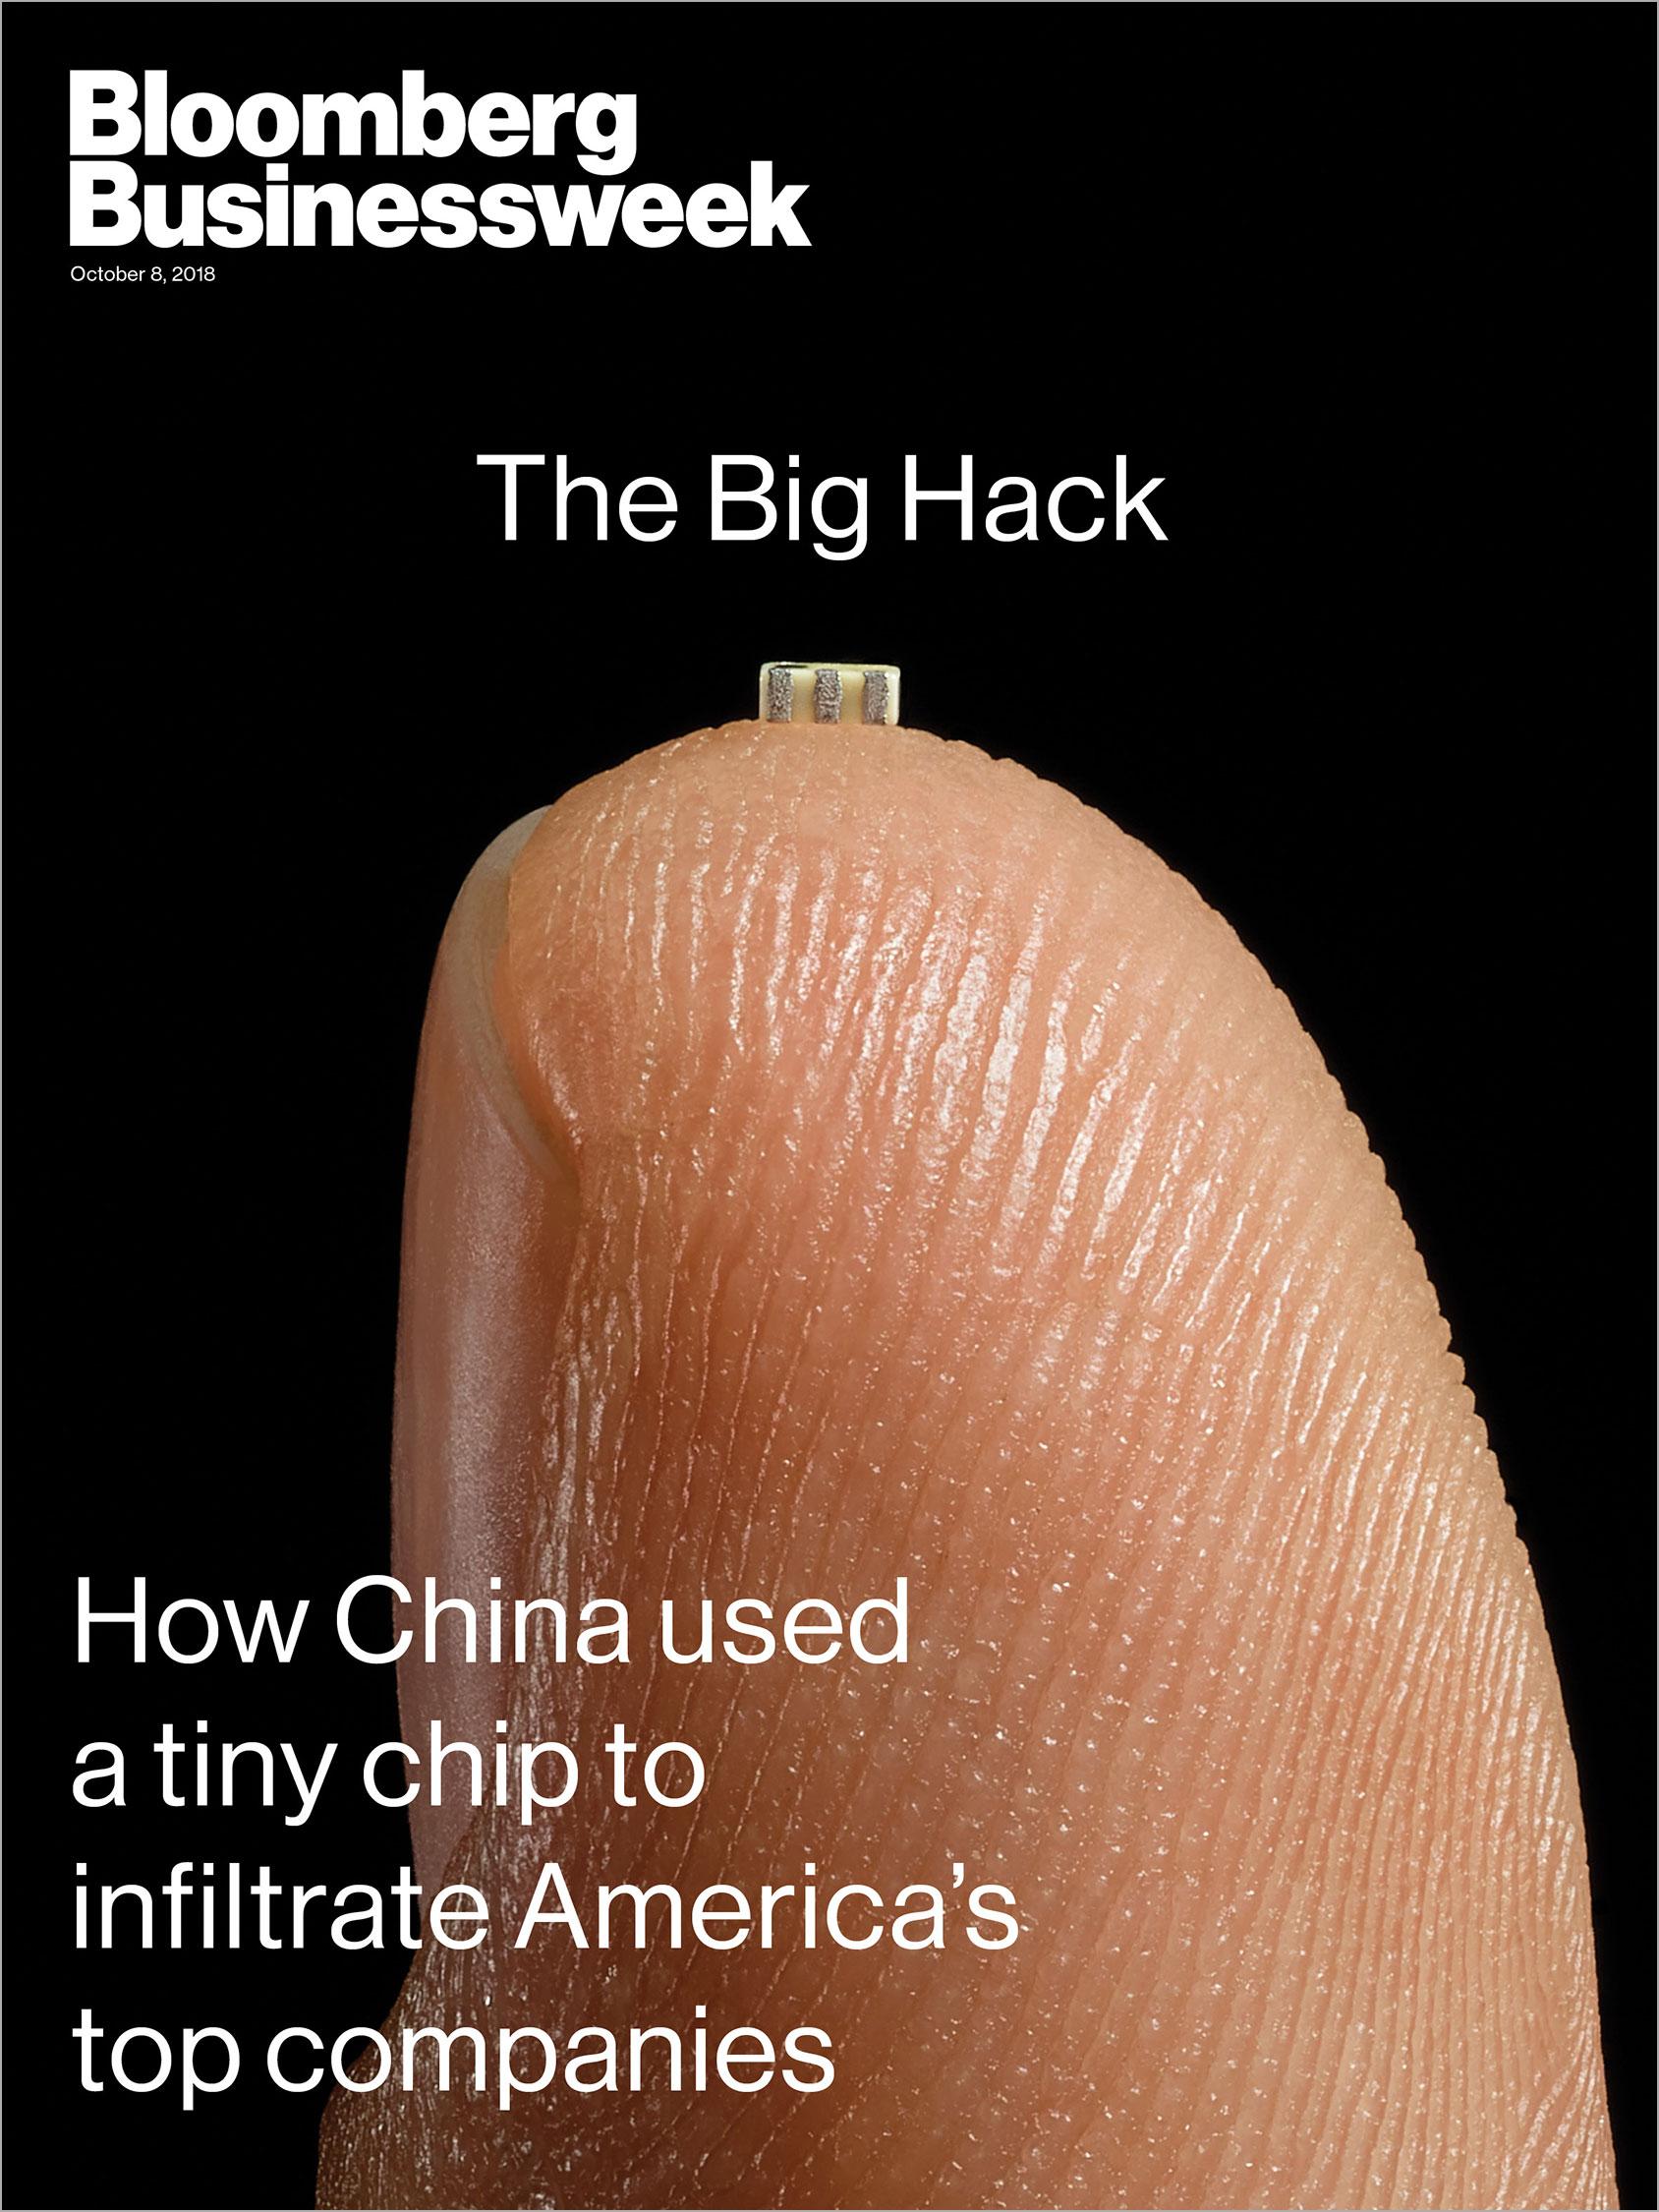 Capa da Bloomberg Businessweek sobre possível espionagem da China